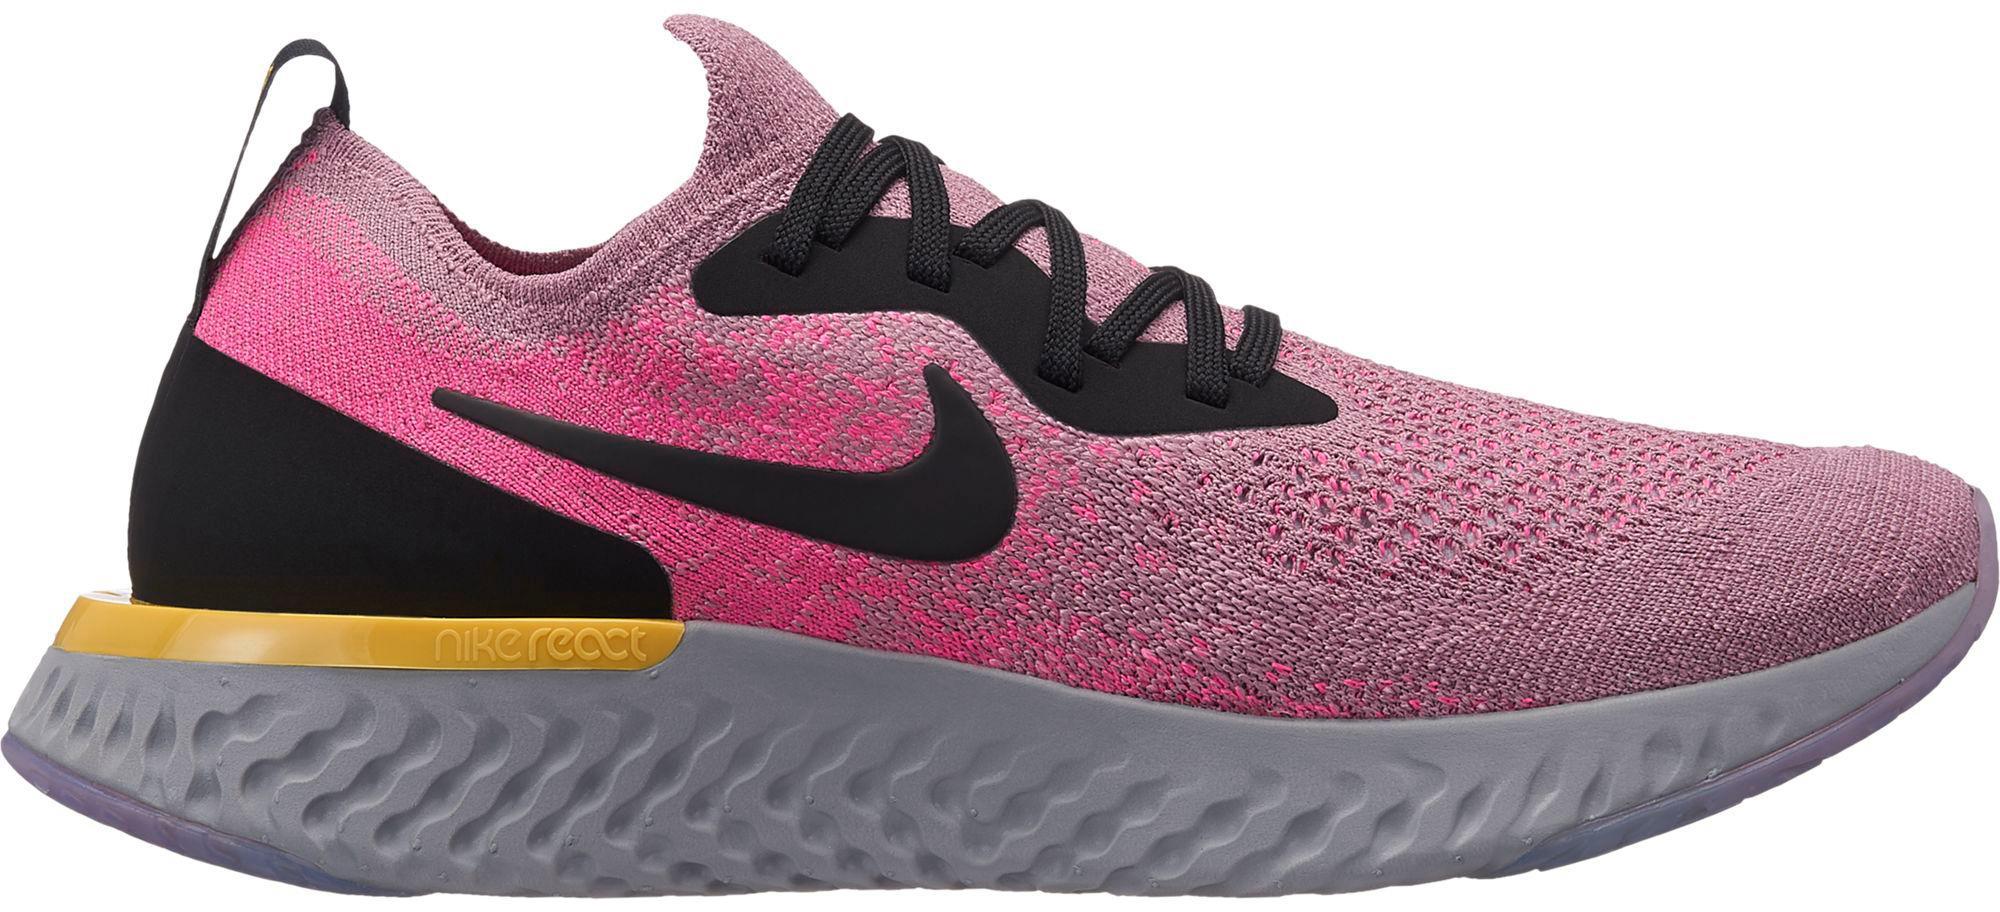 6814d5a08d02a Nike EPIC REACT FLYKNIT Laufschuhe Damen plum dust-black-pink-blast-ama im  Online Shop von SportScheck kaufen